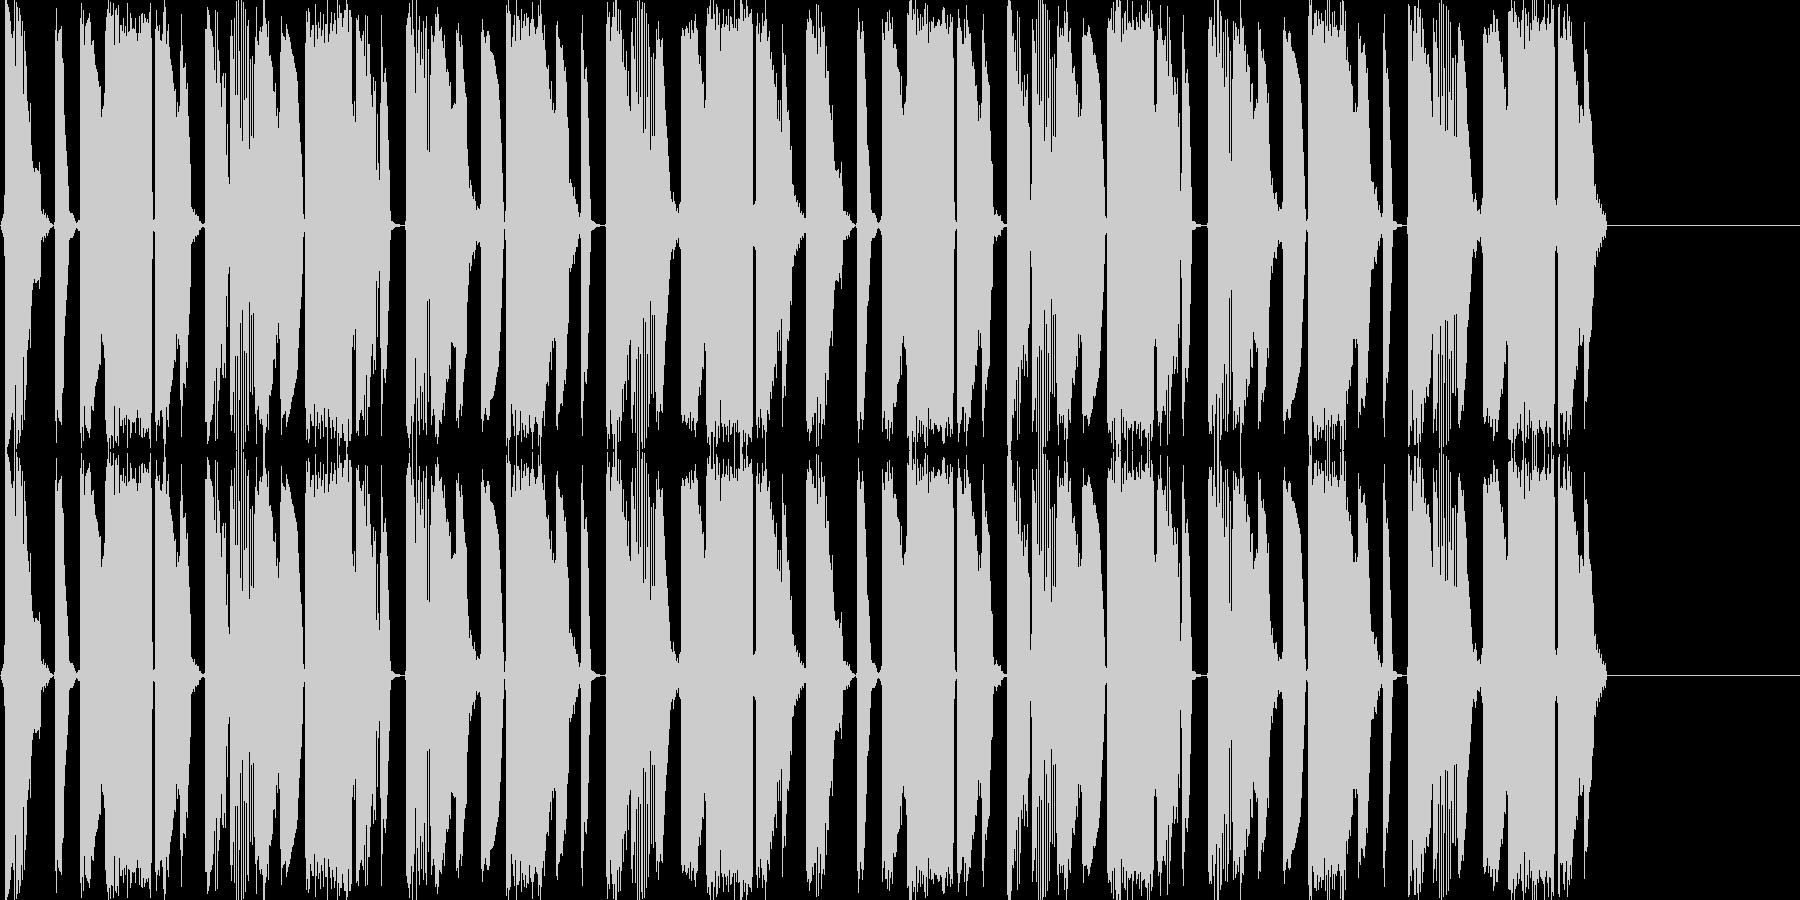 クラブトラック用のループ音源の未再生の波形